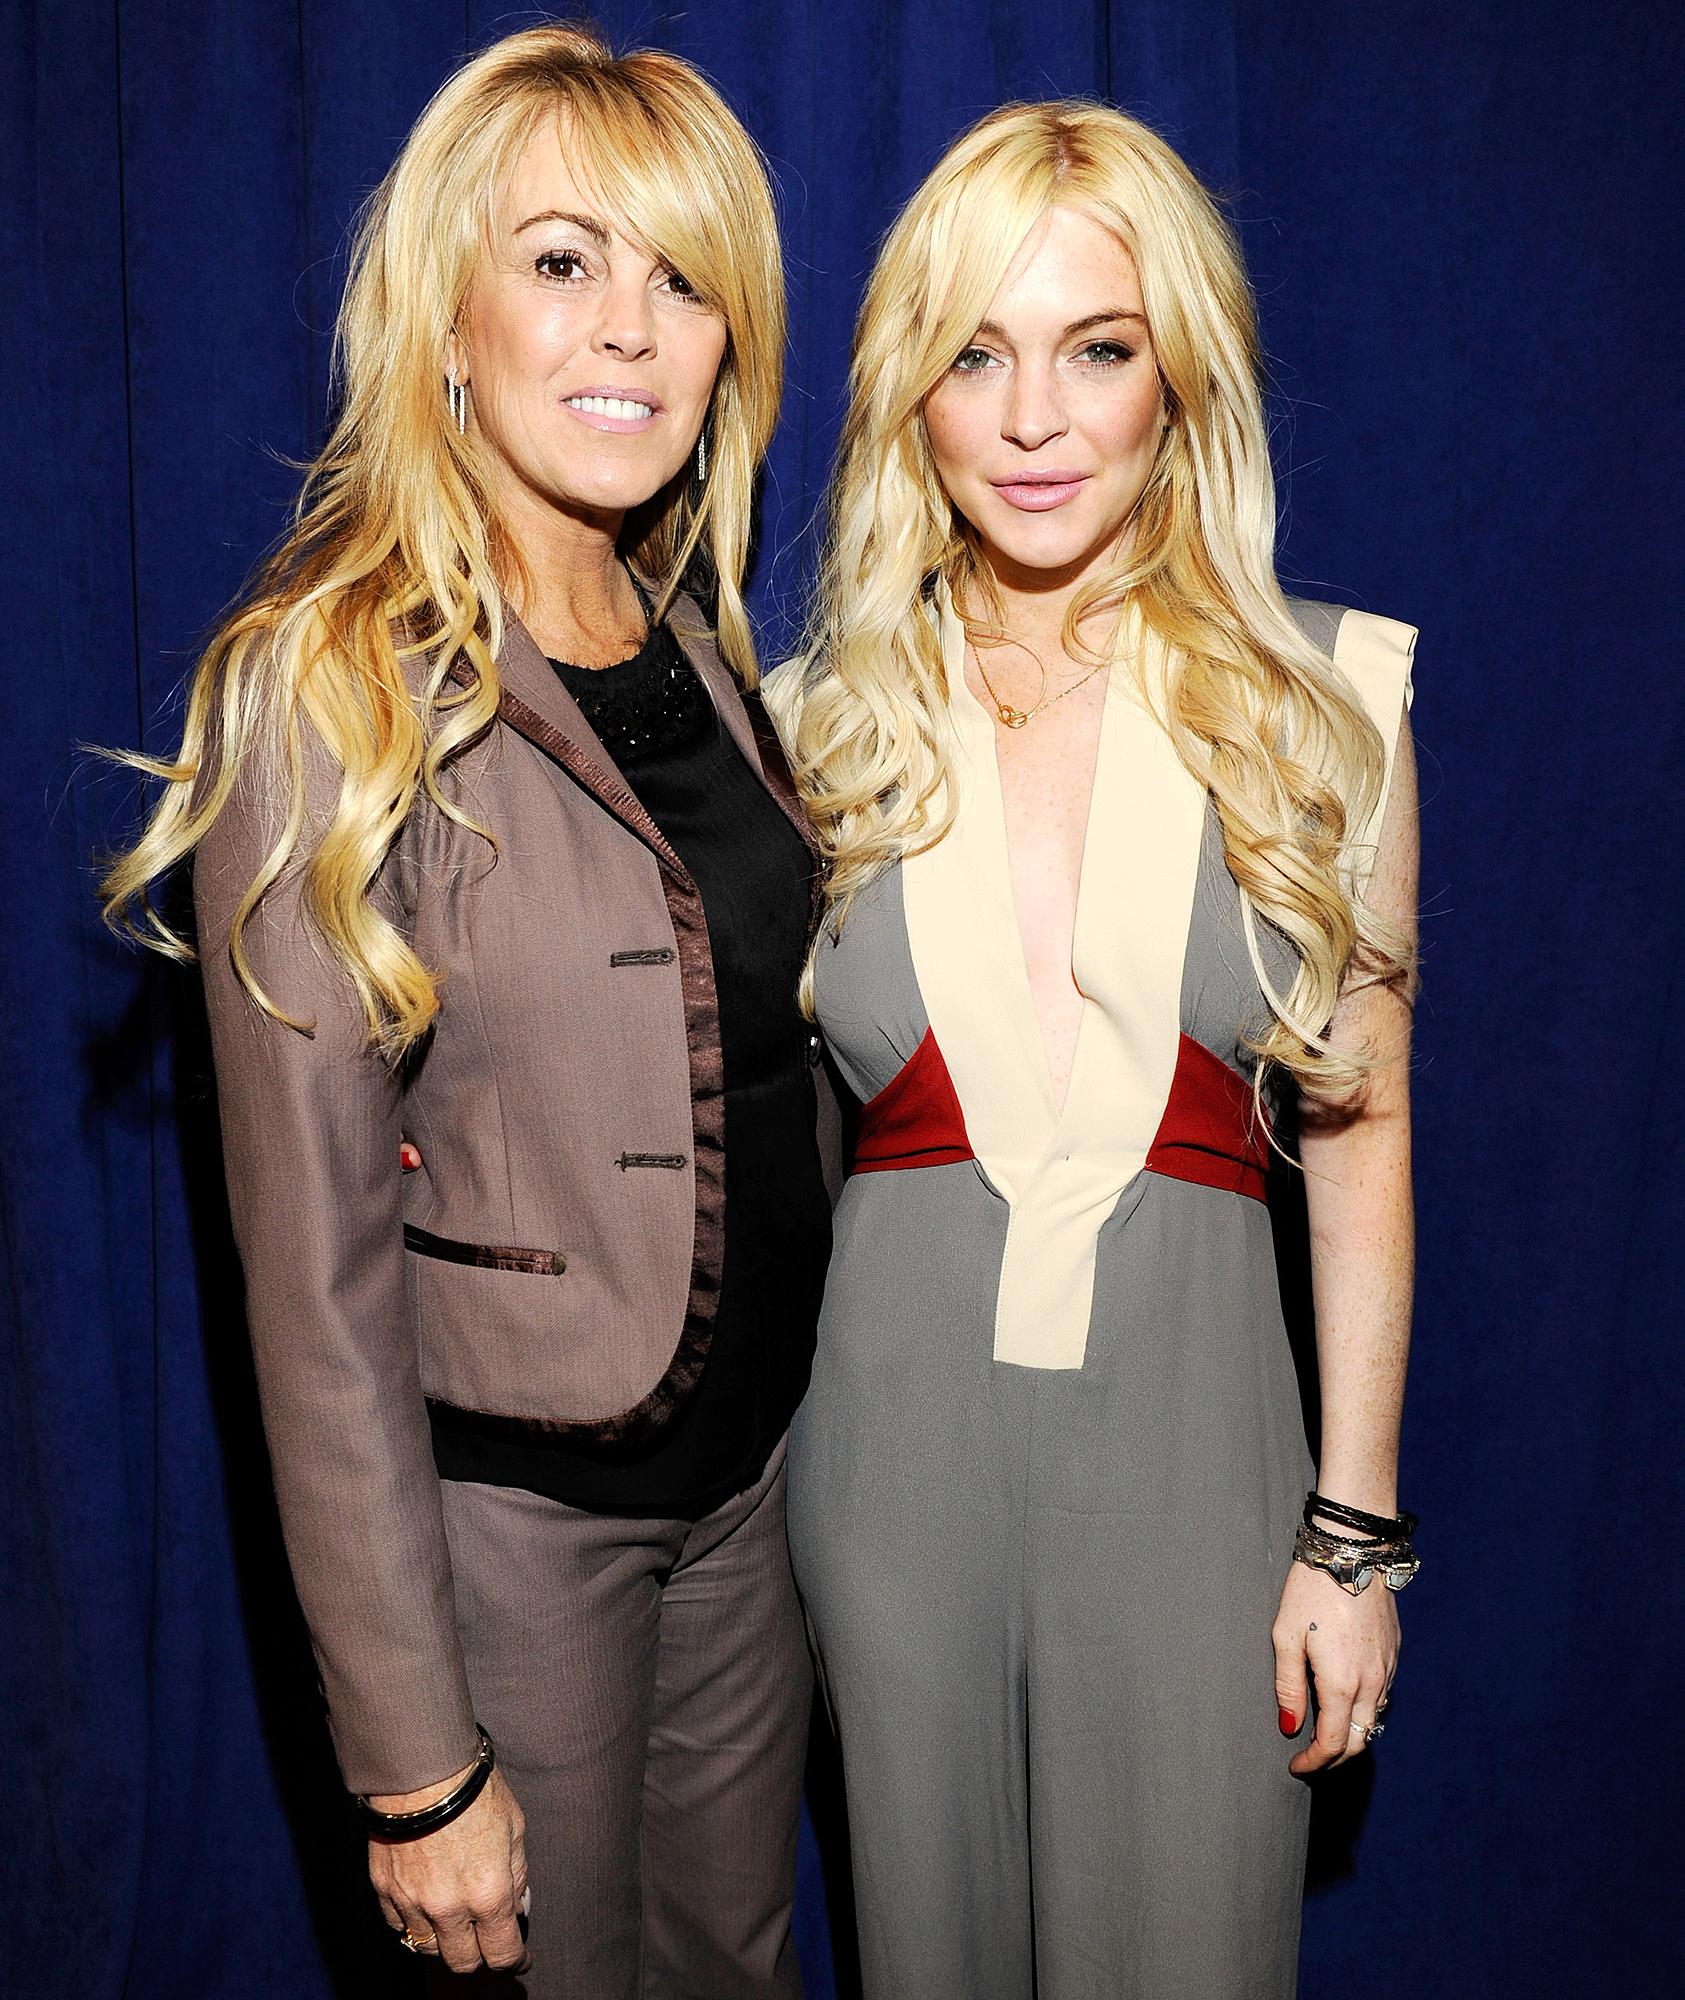 Dina Lohan Lindsay Lohan MTV Reality Show